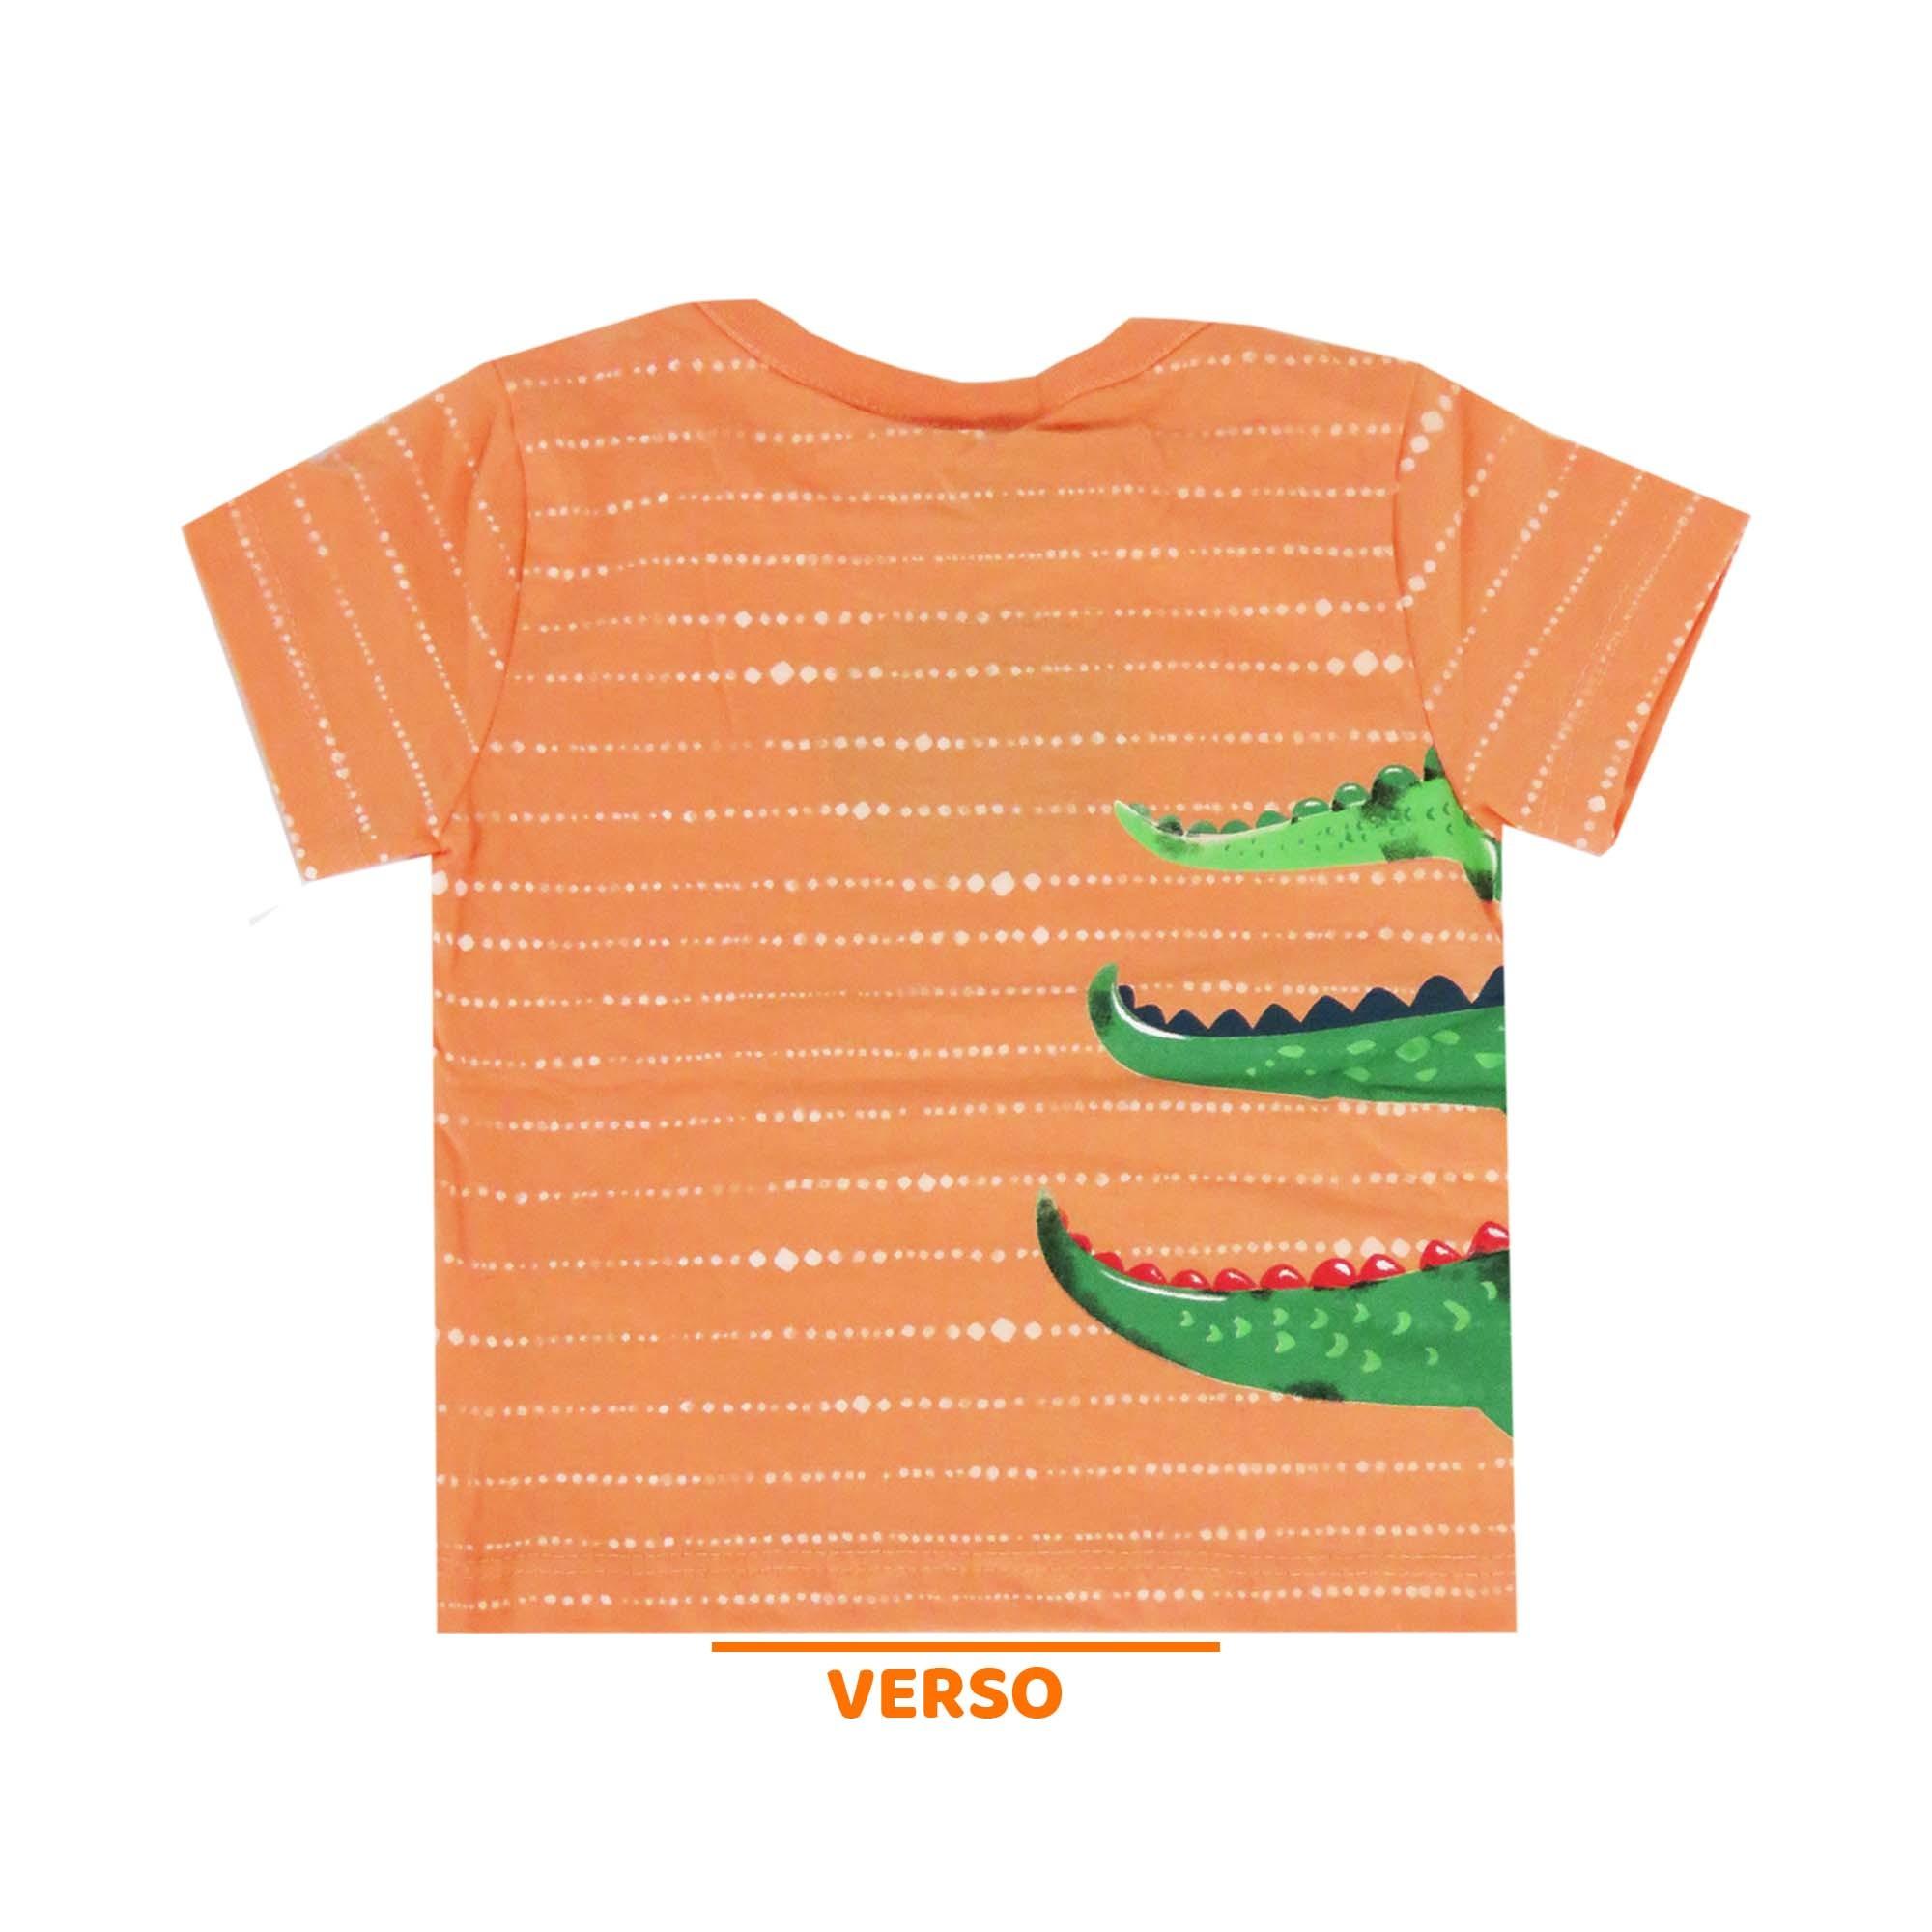 Conjunto de Verão Kiko e Kika Camiseta e Bermuda - Croc Croc - M ao G